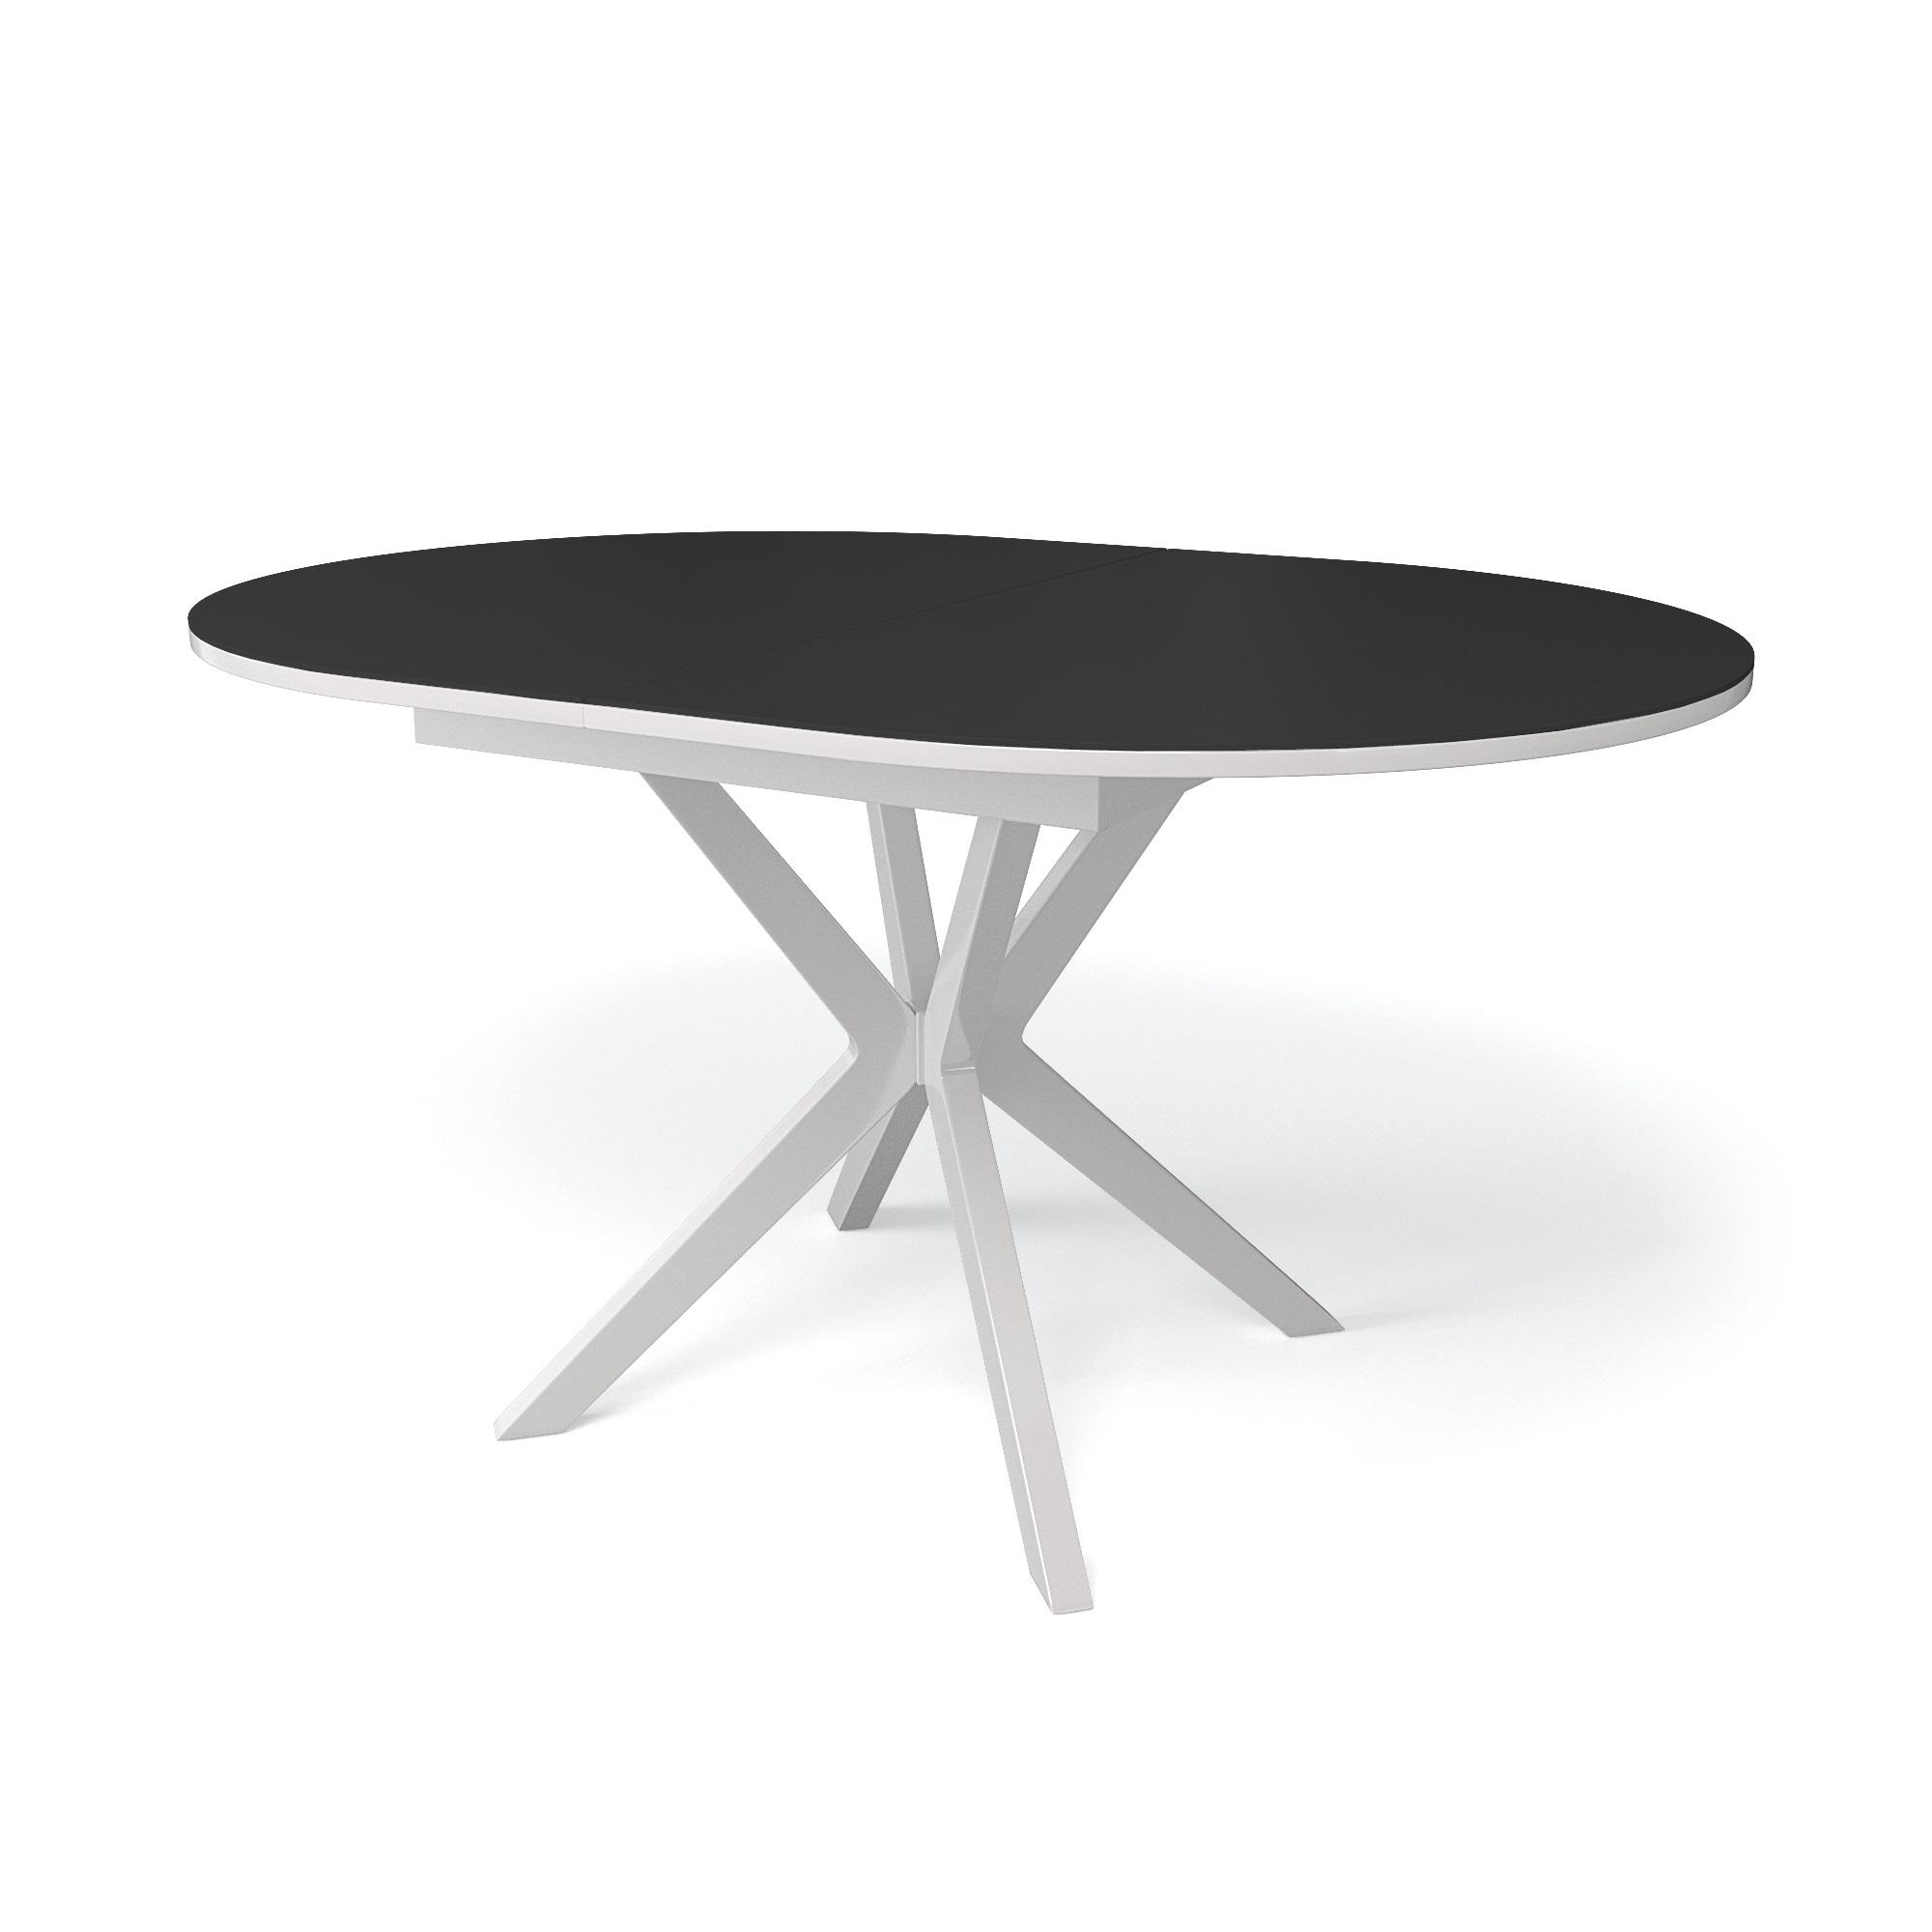 Стол обеденный KennerОбеденные столы<br>Основание - массив бука, столешница - сатинированное стекло (не оставляет следов от пальцев, не боится горячего/холодного, бытовой химии) + ДСП.&amp;amp;nbsp;&amp;lt;div&amp;gt;Механизм раскладки - синхронный.&amp;amp;nbsp;&amp;lt;/div&amp;gt;&amp;lt;div&amp;gt;Габариты столешницы в разложенном виде: 175х90 см.&amp;lt;/div&amp;gt;<br><br>Material: Стекло<br>Ширина см: 130<br>Высота см: 76<br>Глубина см: 90